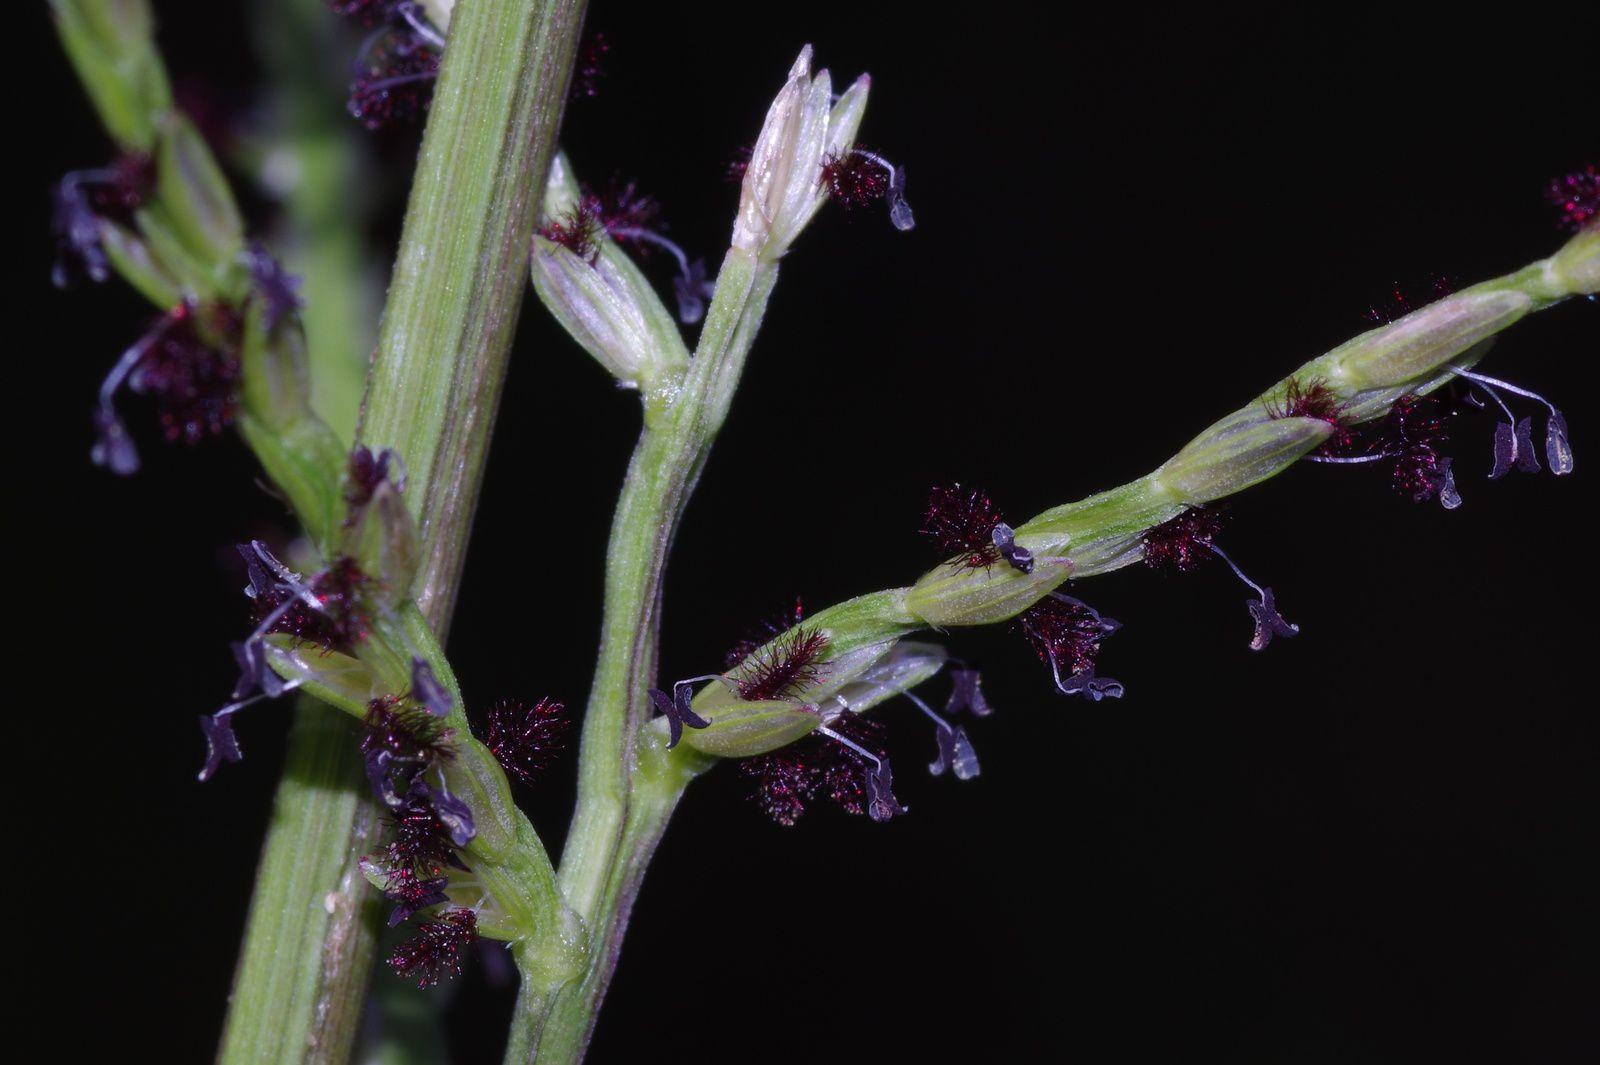 Axonopus surinamensis